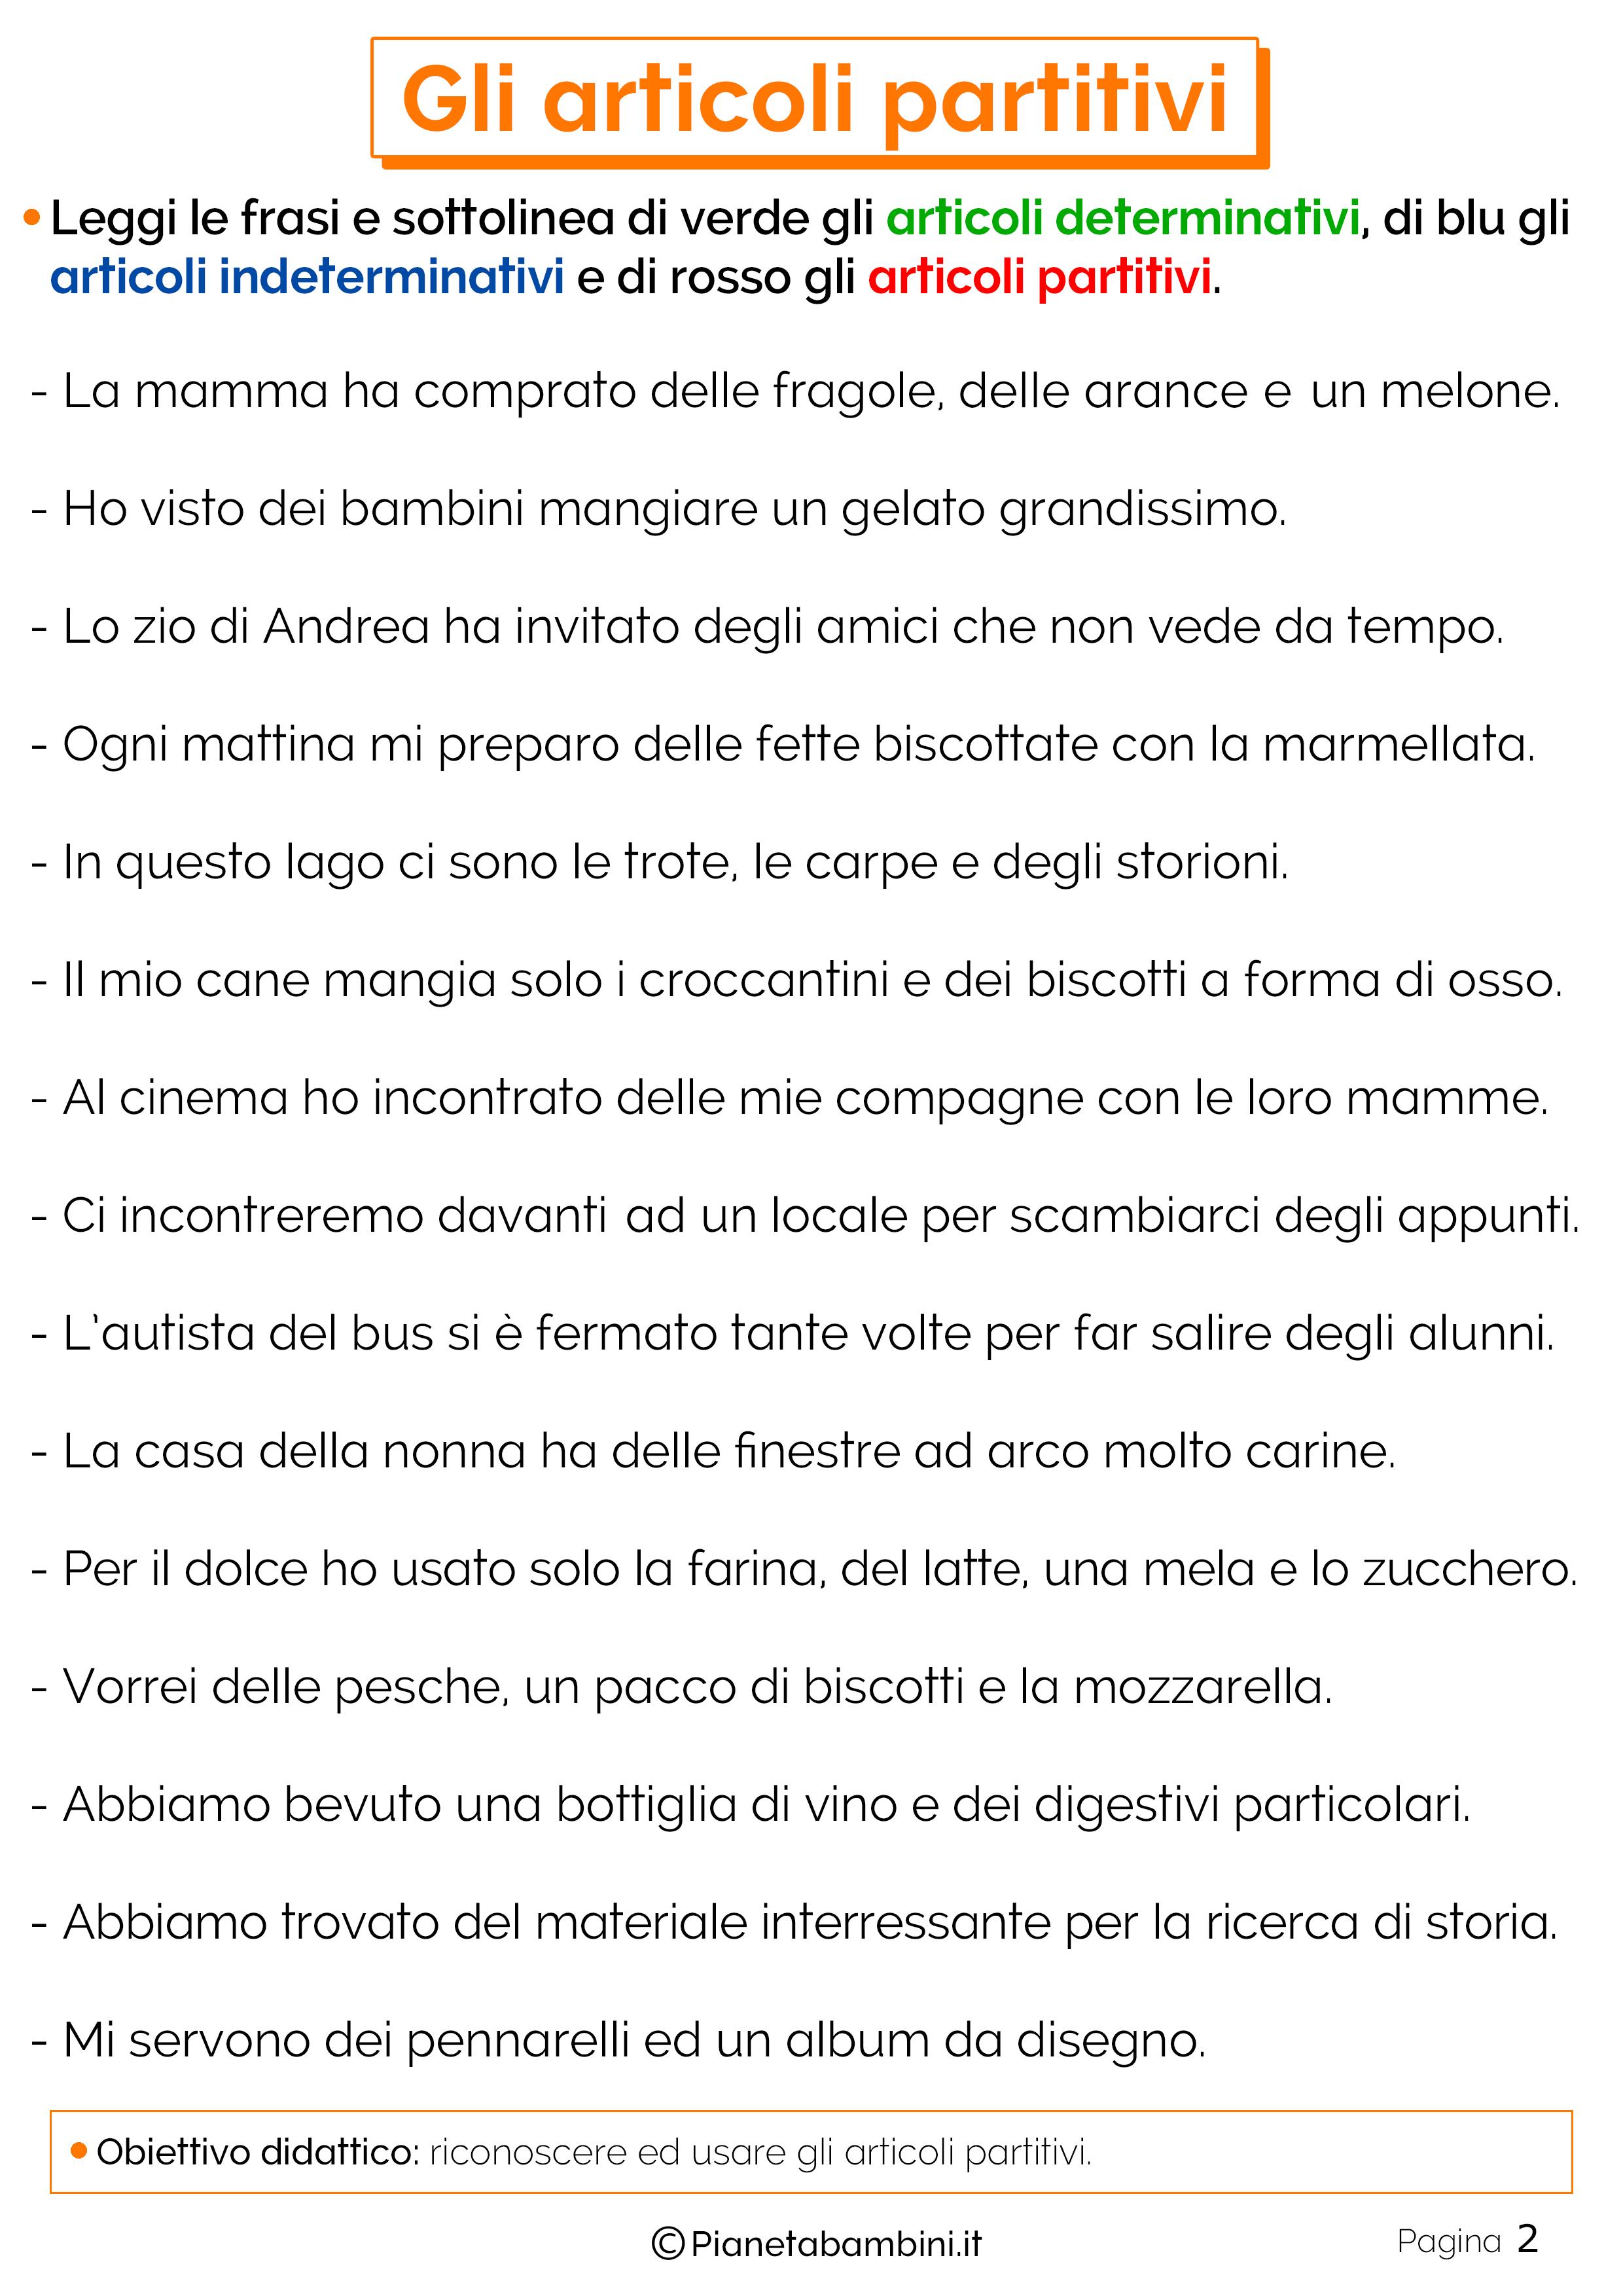 Esercizi sugli articoli partitivi 2